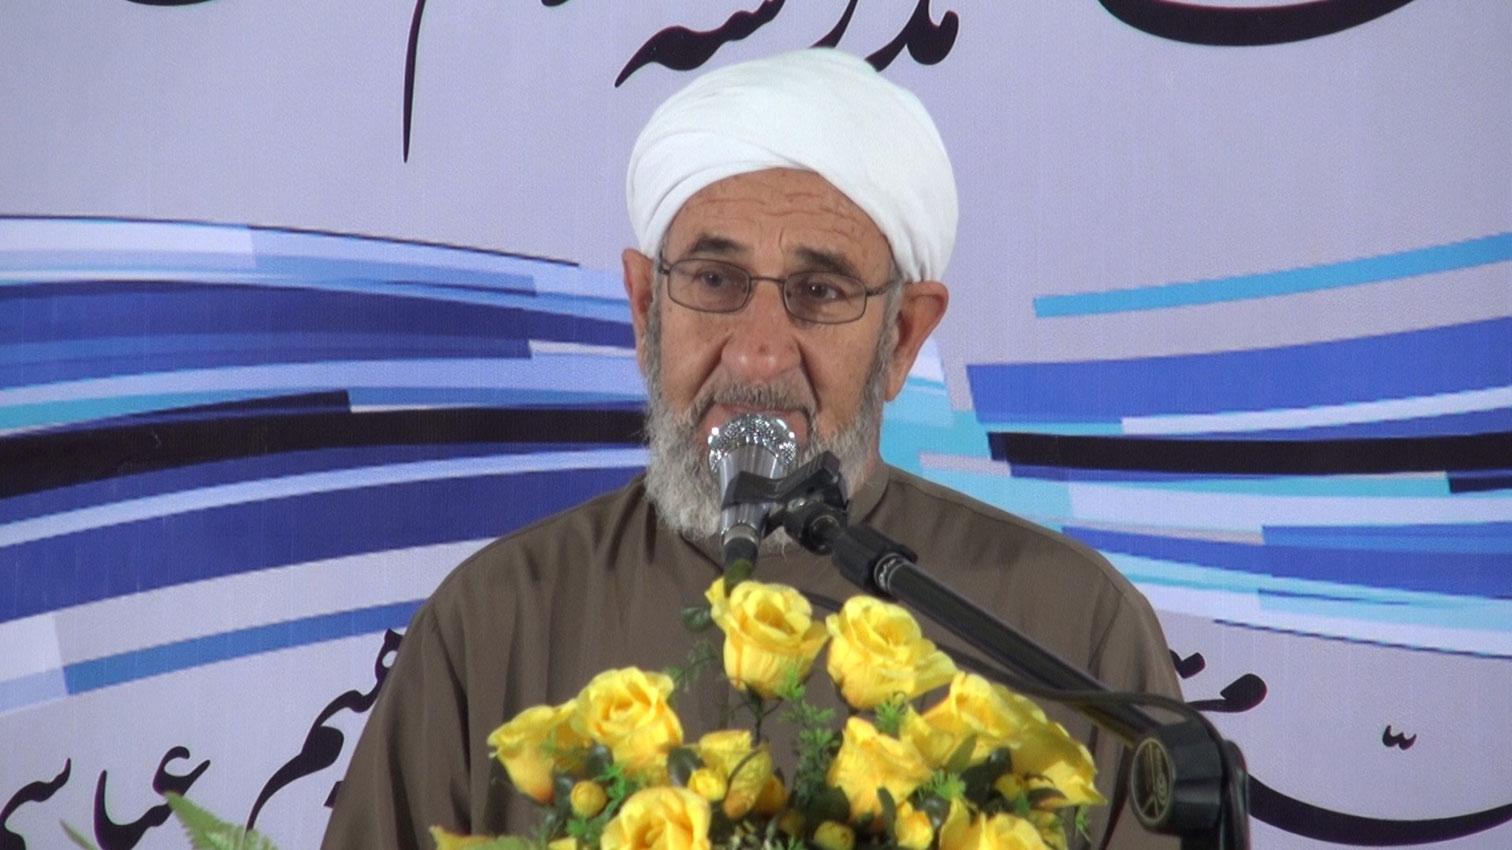 شیخ عبدالوهاب ضیایی مدیر مجتمع دینی اهل سنت وجماعت بندرعباس